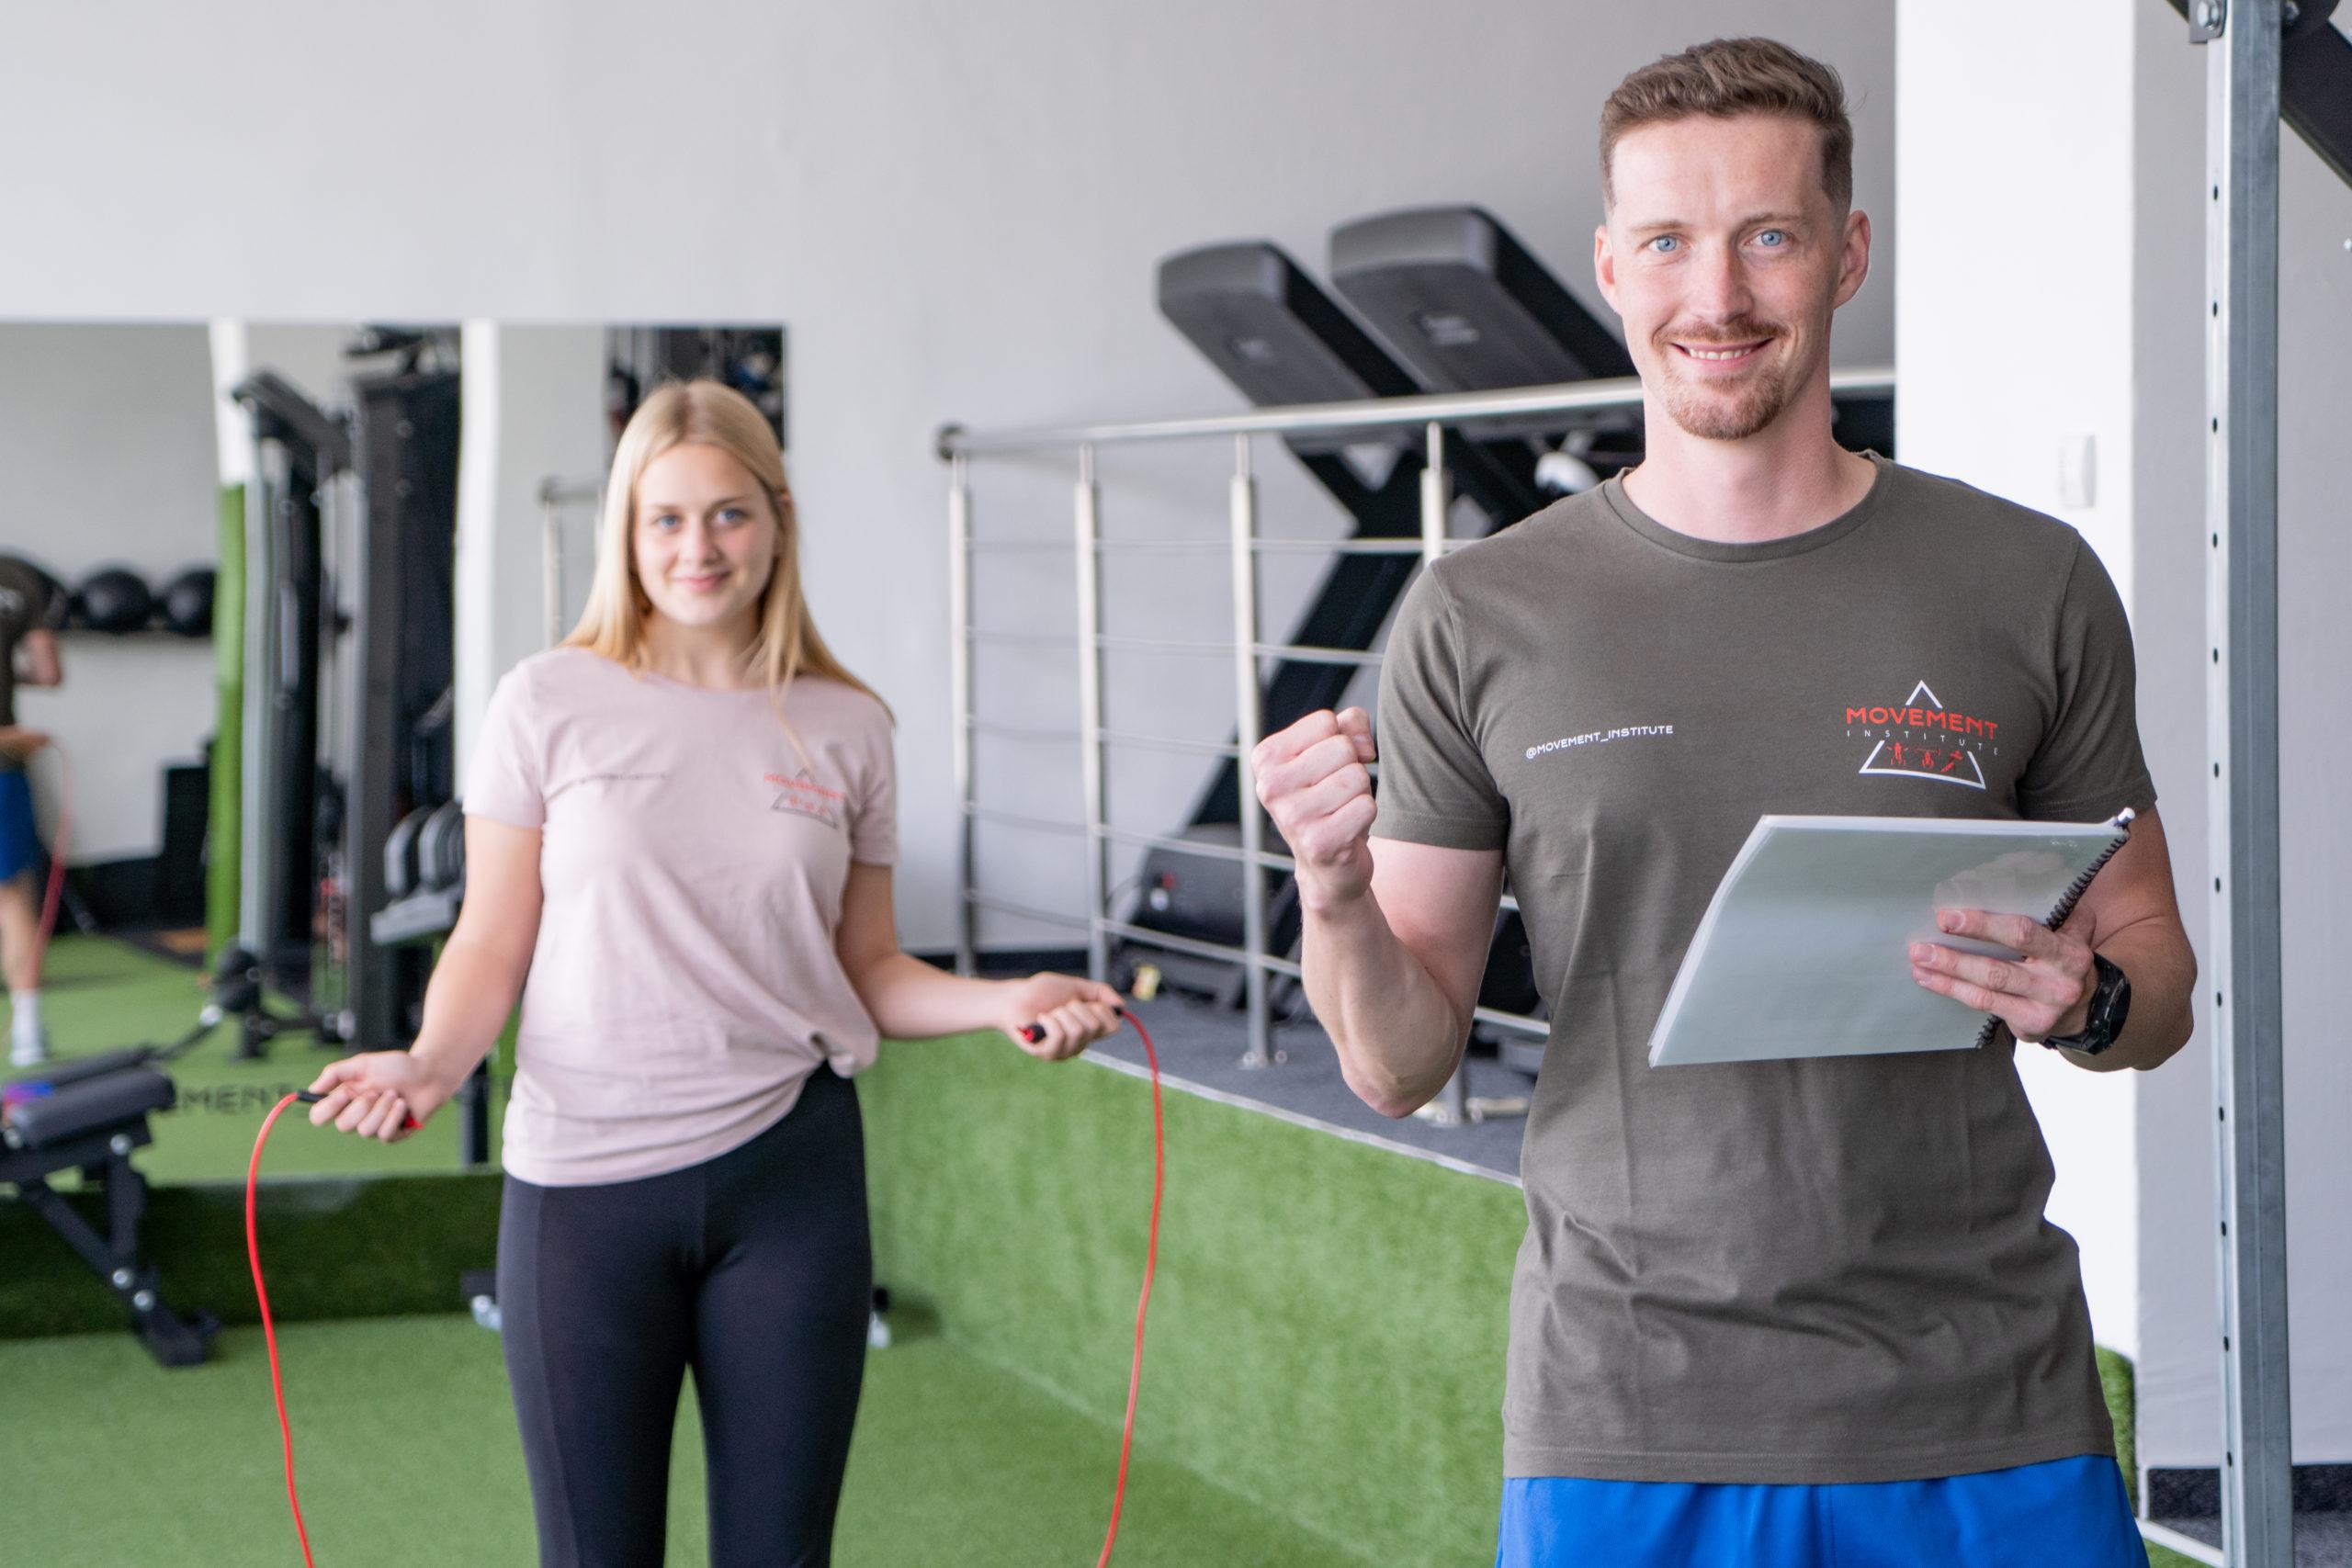 osobný tréner fitness centrum formovanie postavy tréningový plán Movement institute